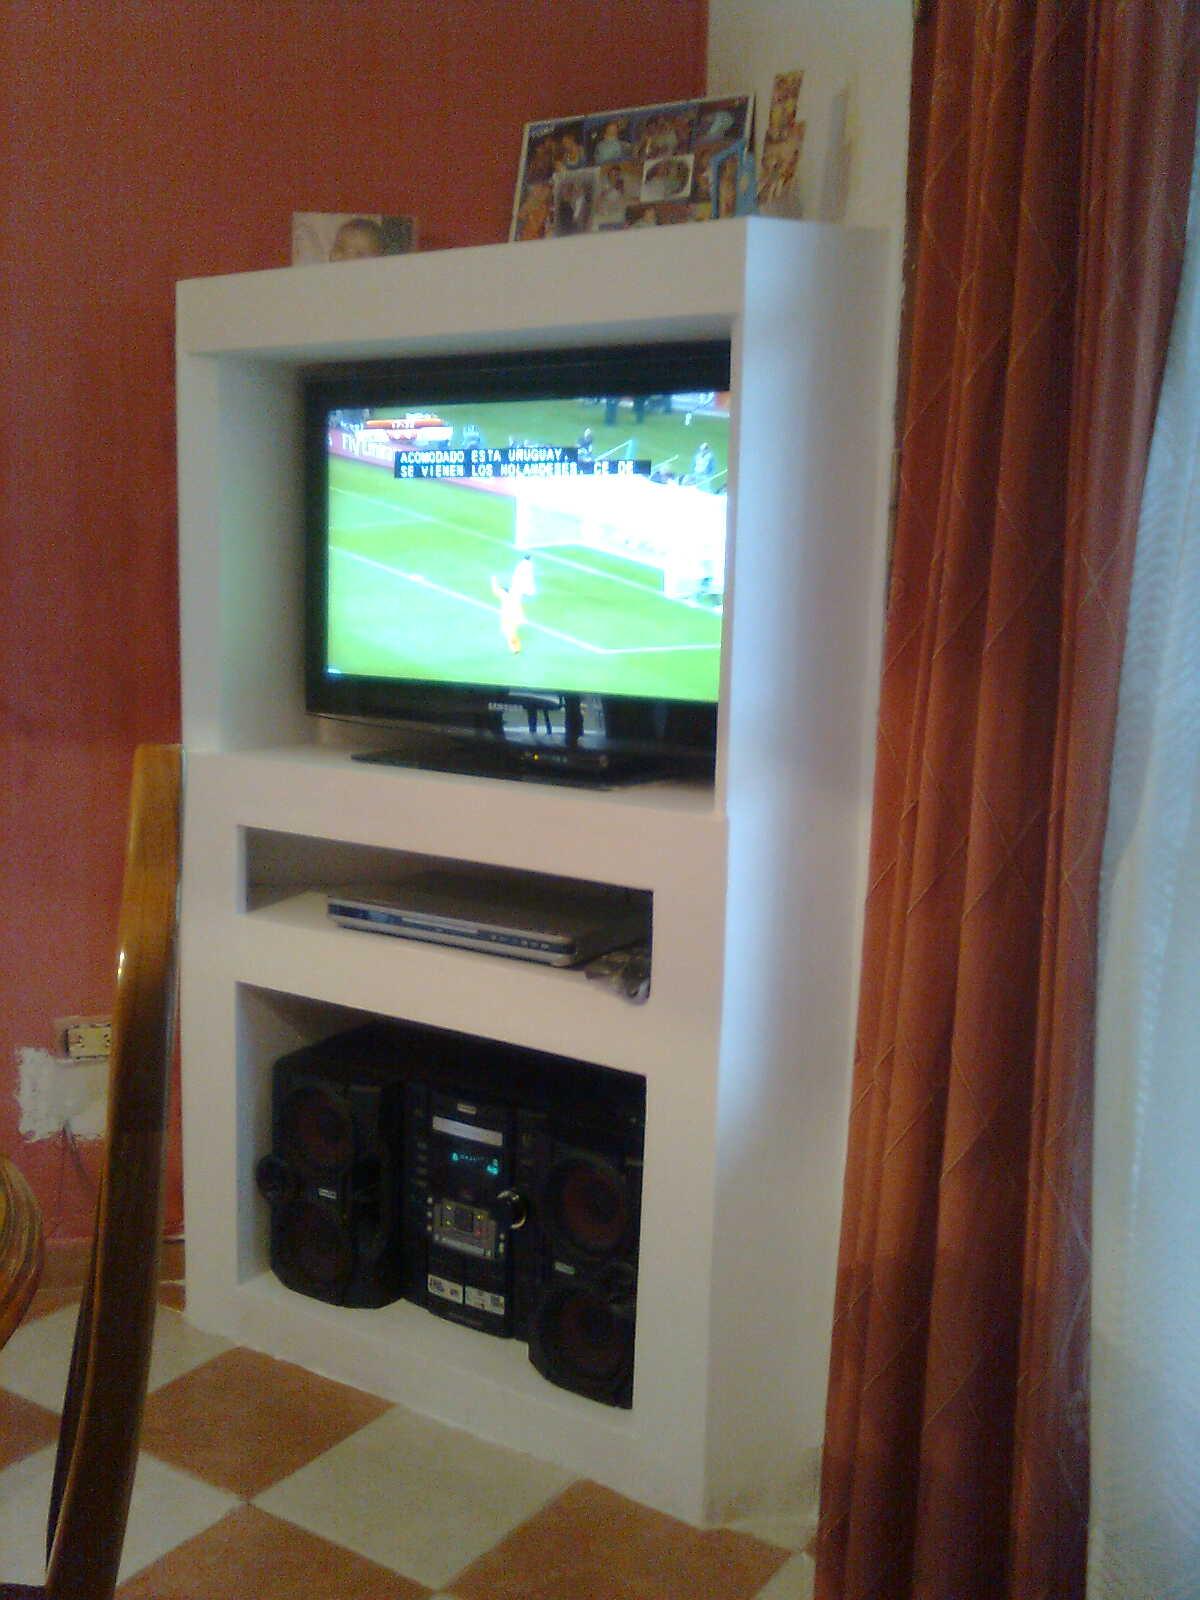 Como hacer un mueble para tv sencillo - Mueble para television ...